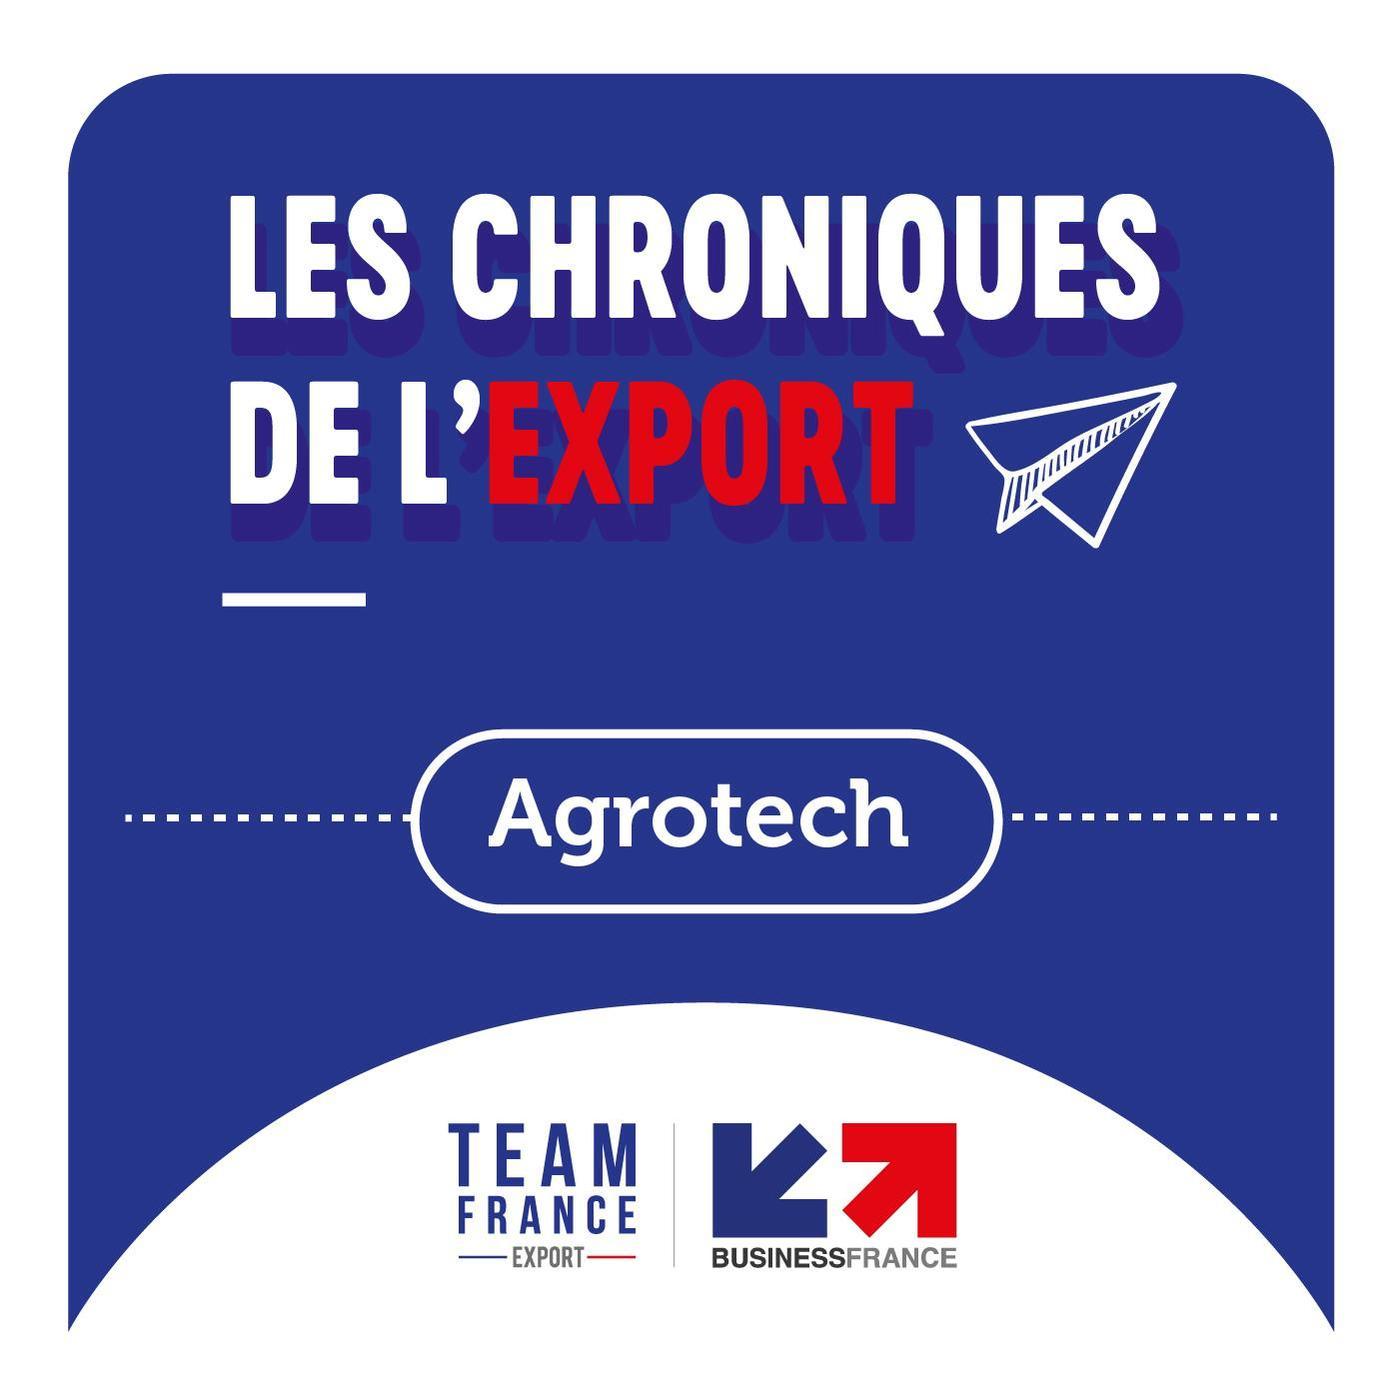 Les Chroniques de l'Export : Agrotech